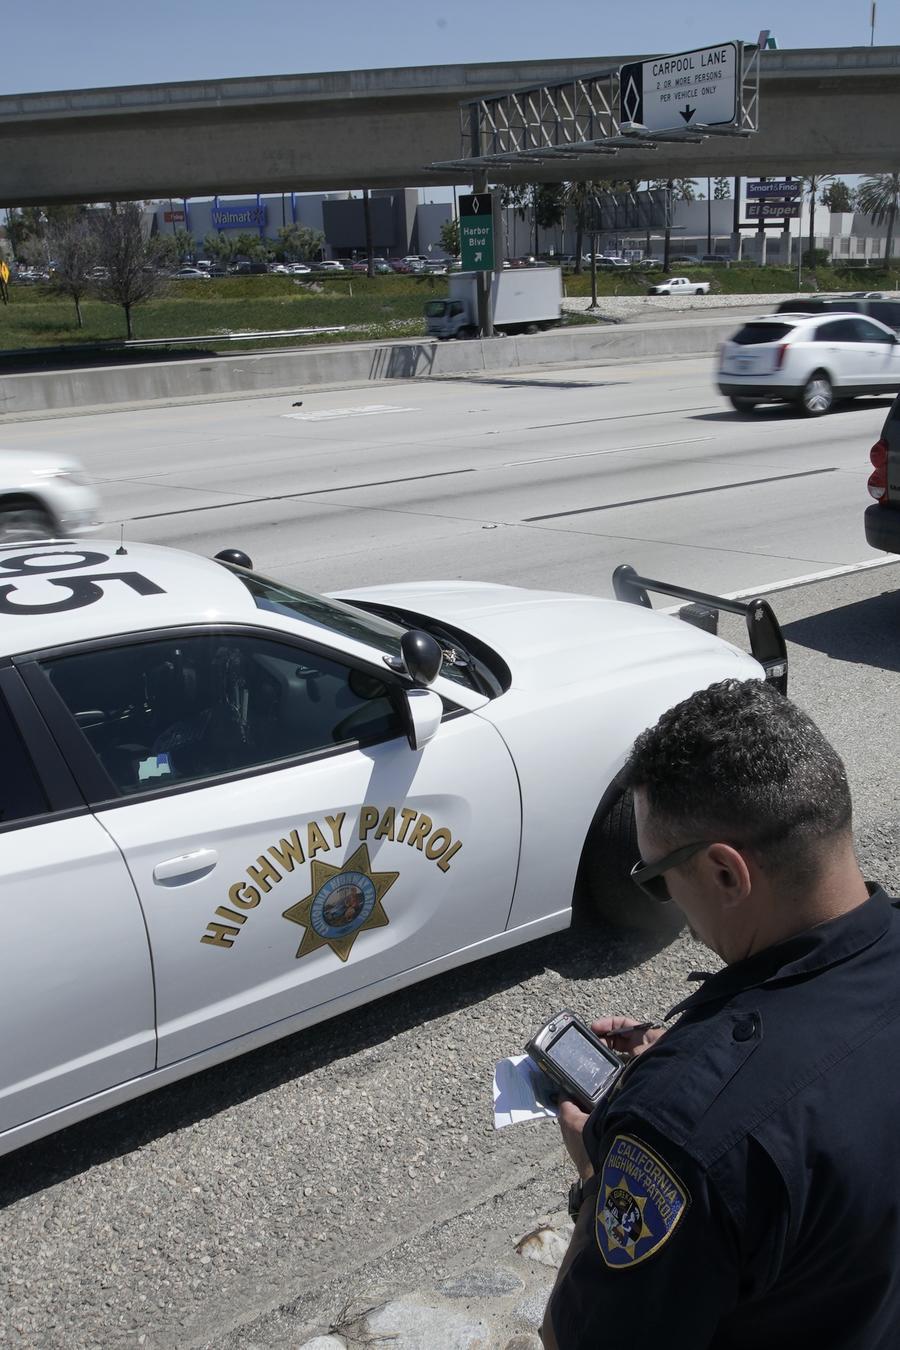 En esta imagen del 23 de abril de 2021, el oficial de la Patrulla de Caminos de California Troy Christensen revisa una licencia de conducir después de detener a un automovilista en la Interestatal 5 que conducía a exceso de velocidad en Anaheim, Californi